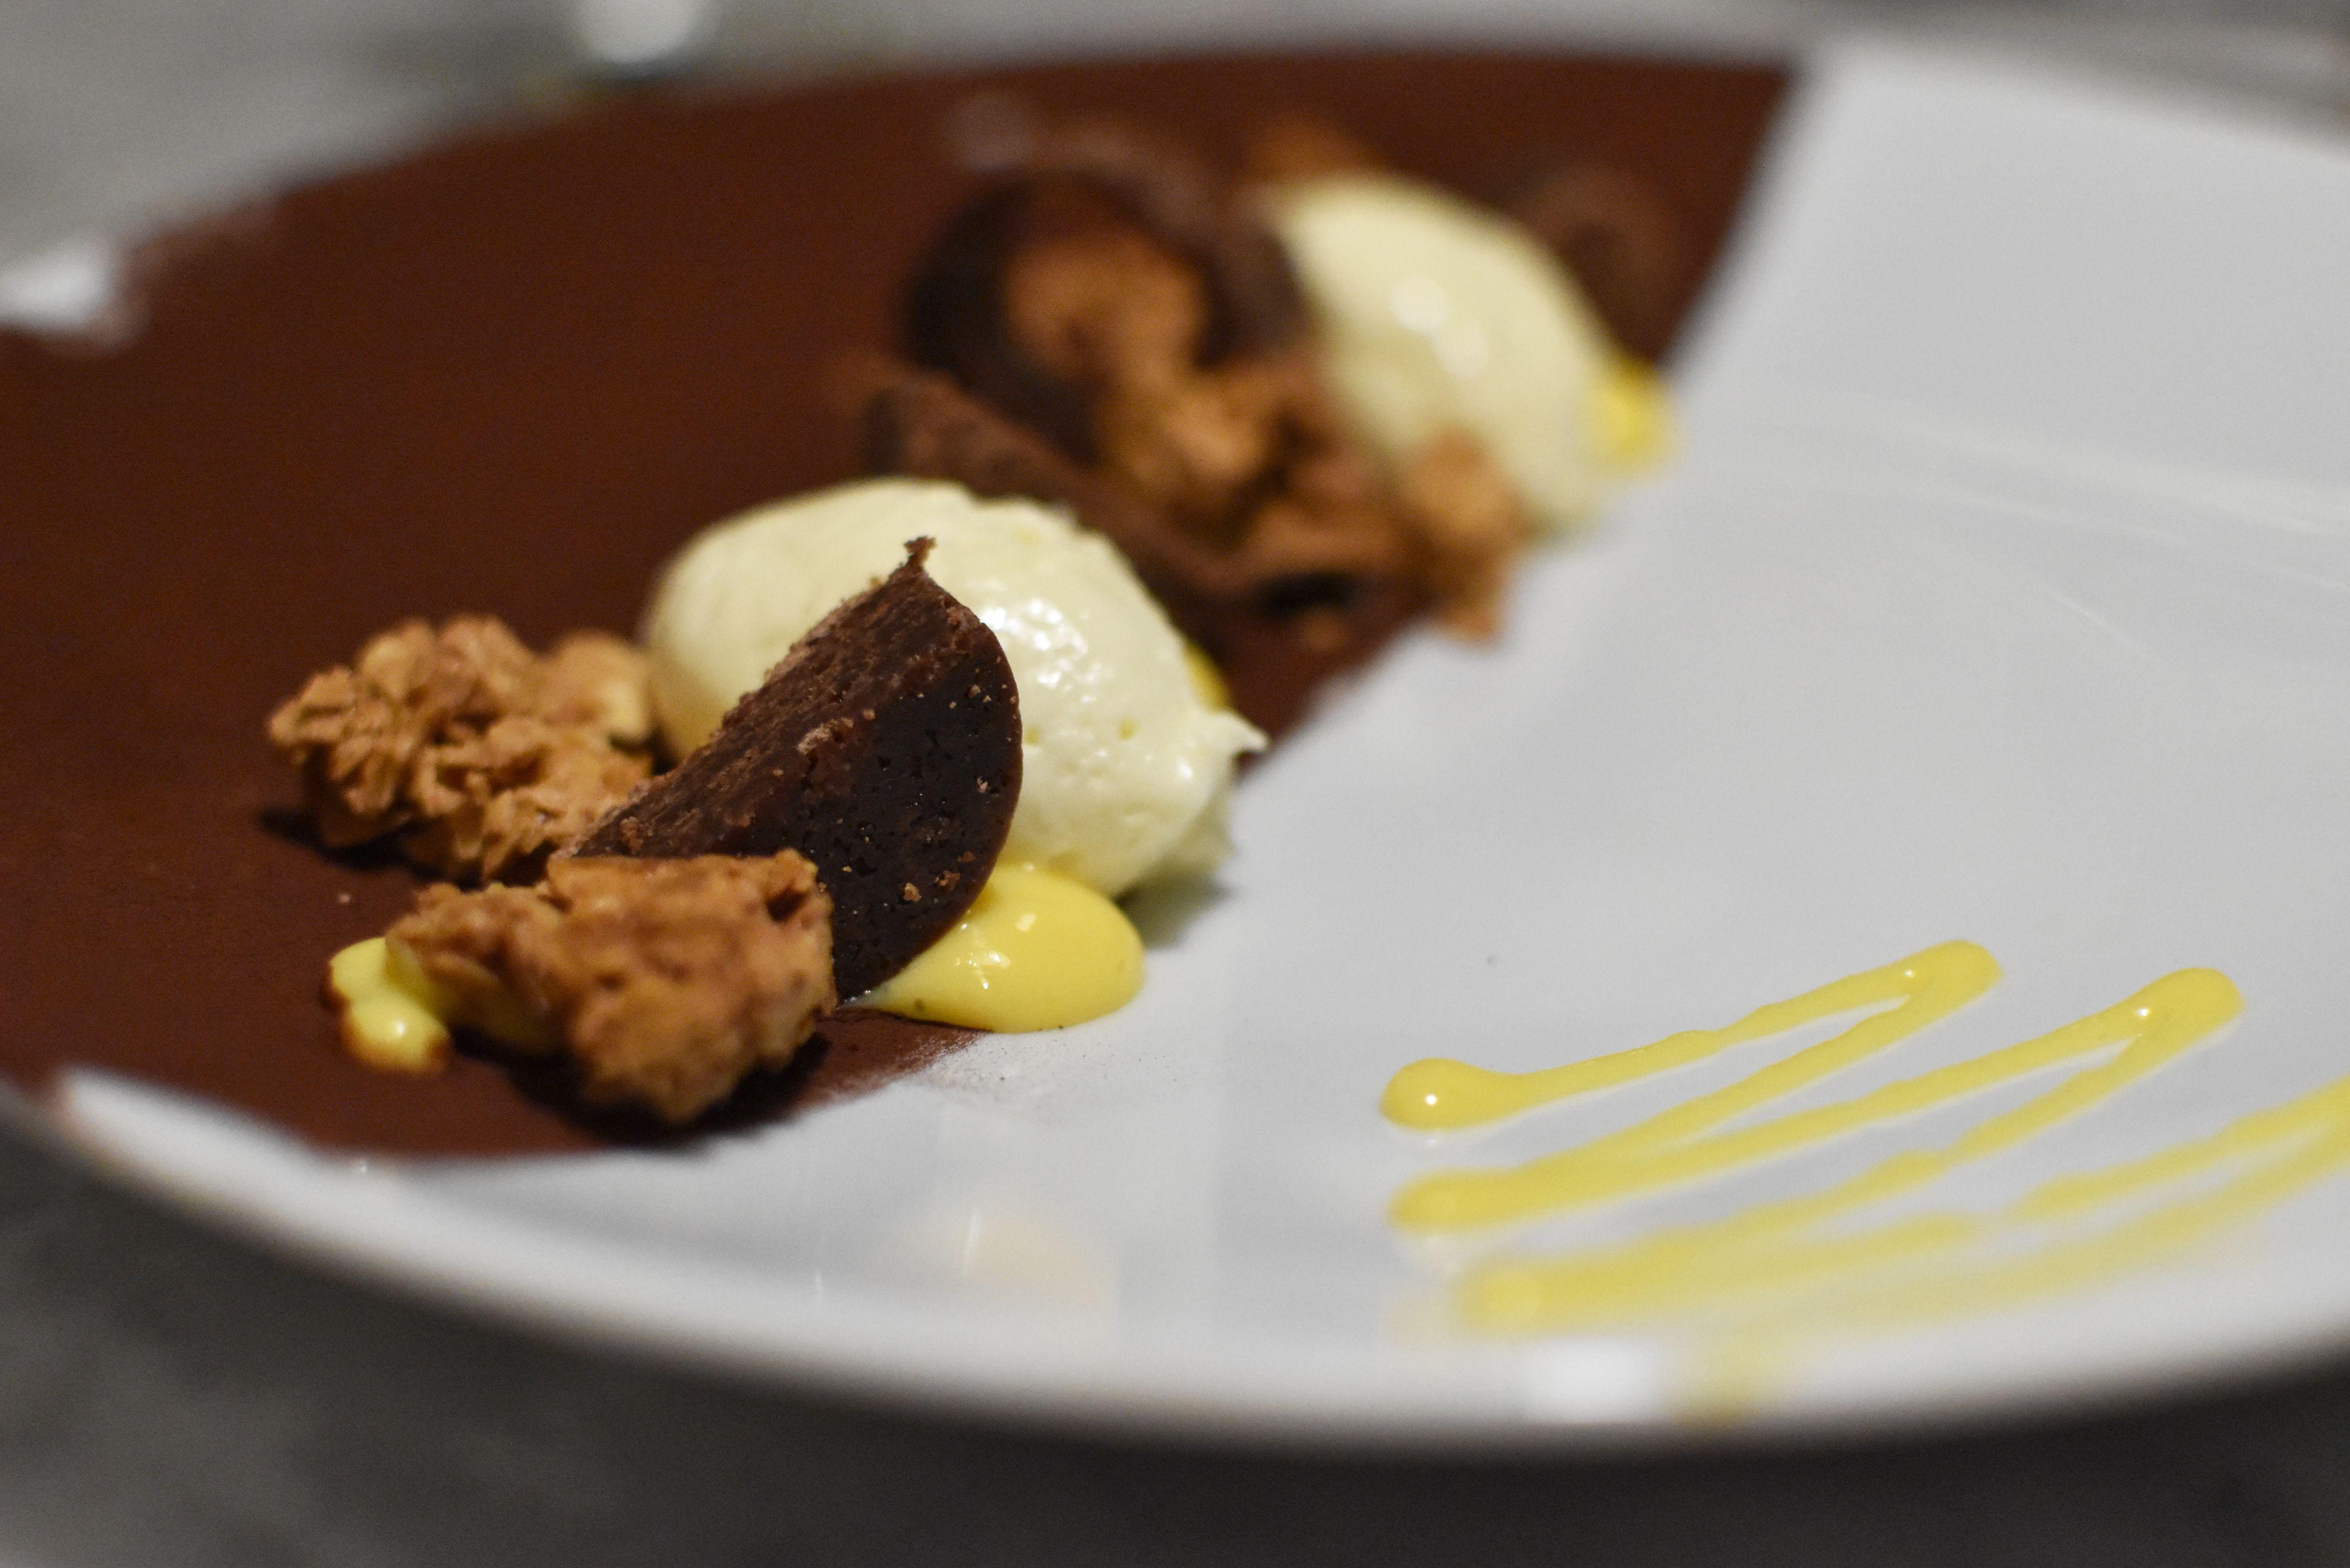 Chocolade dessert - hotel Vesper - Noordwijk